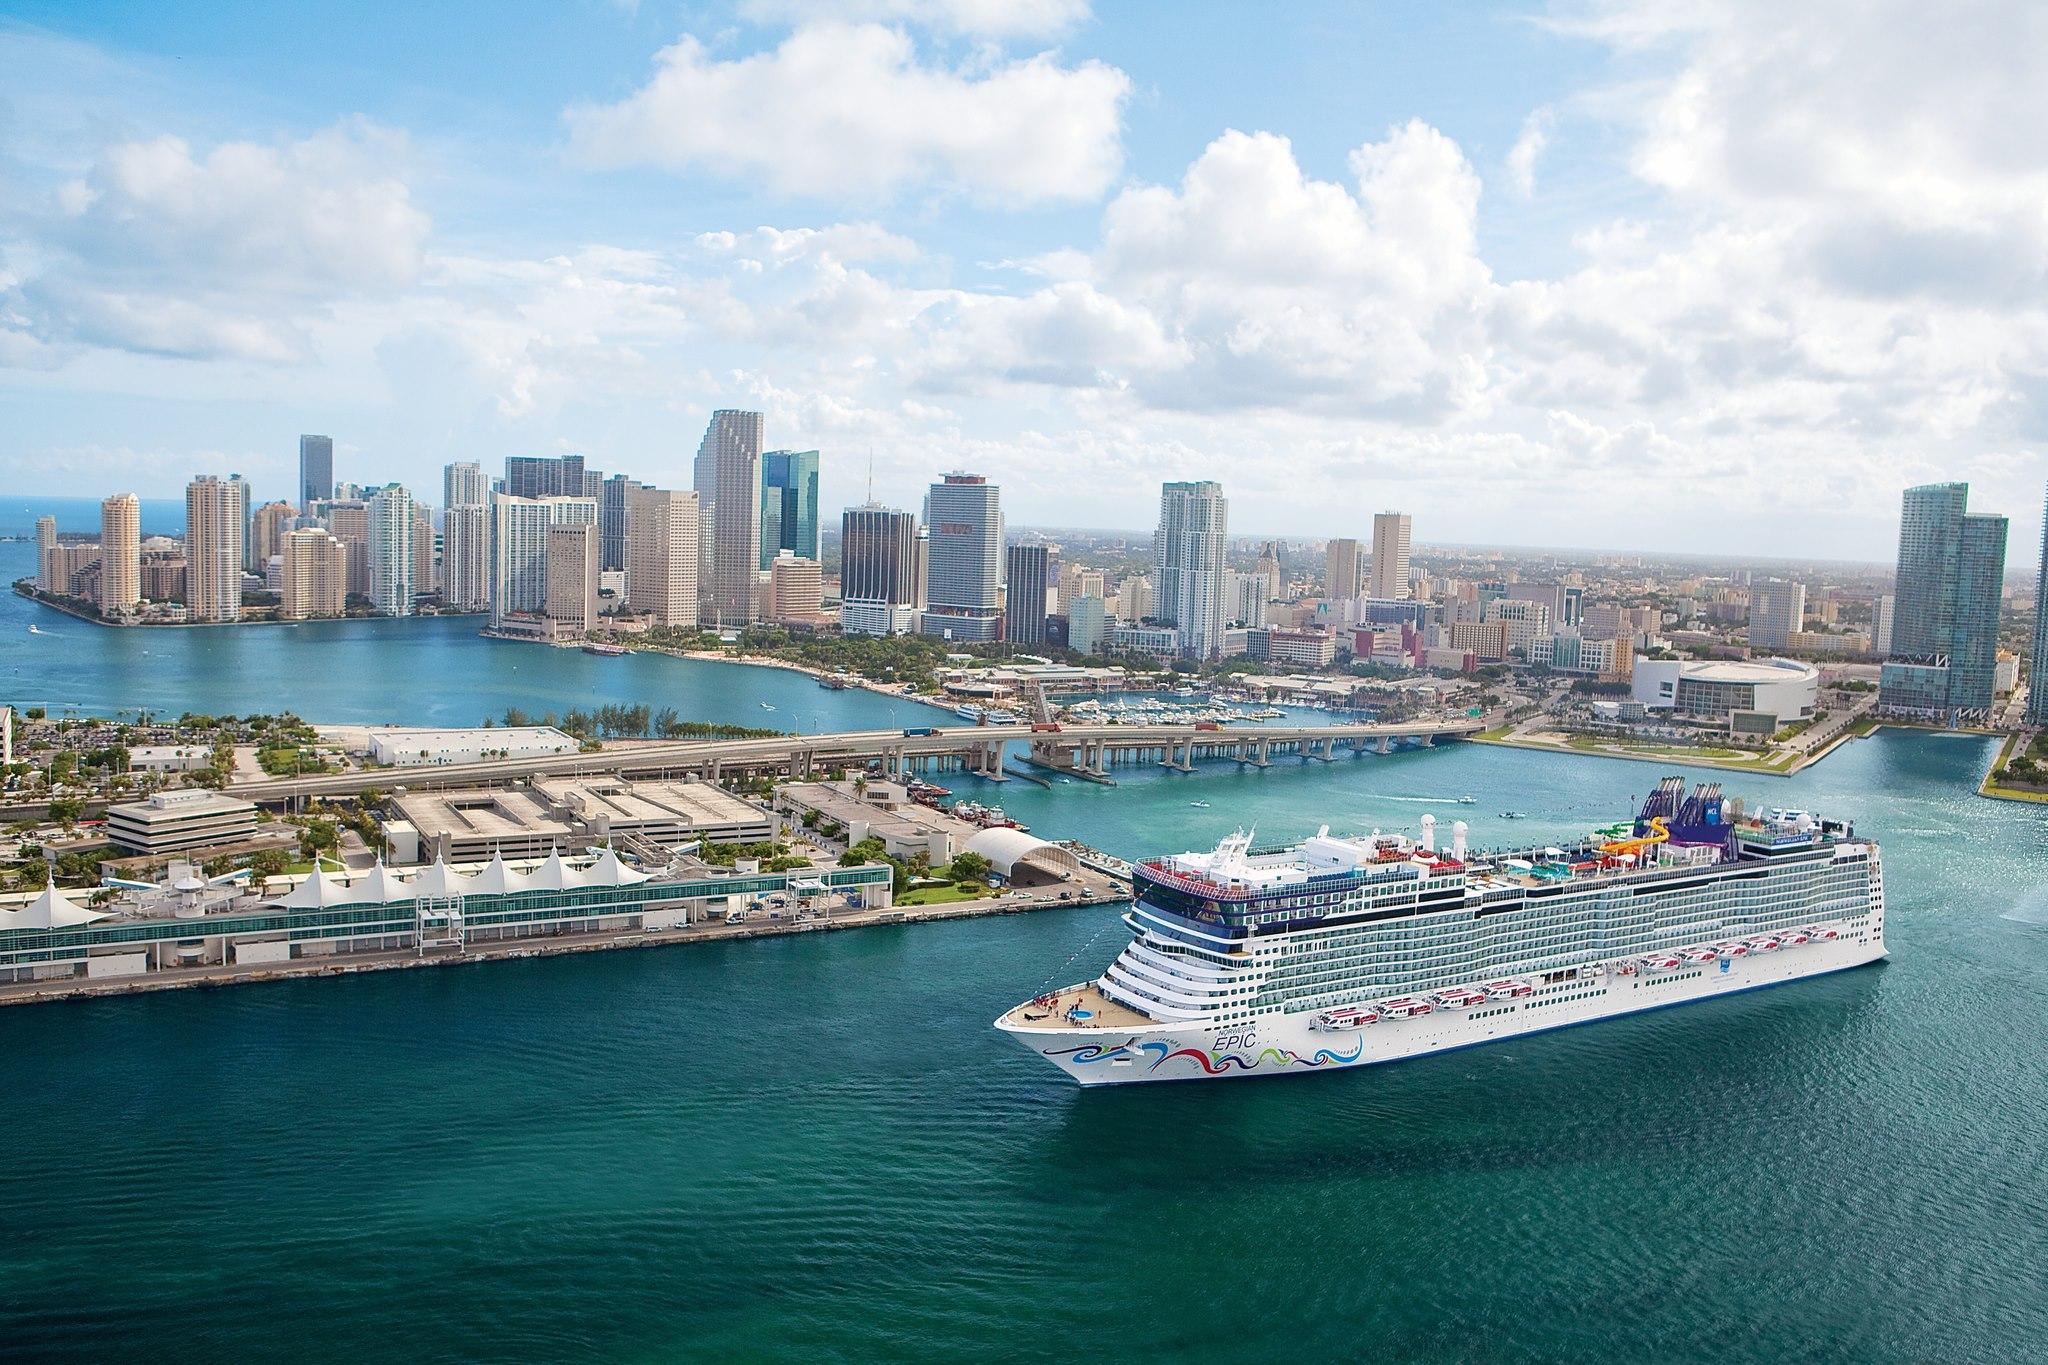 Norwegian-Epin-Miami-Caribbean-Cruise-2013